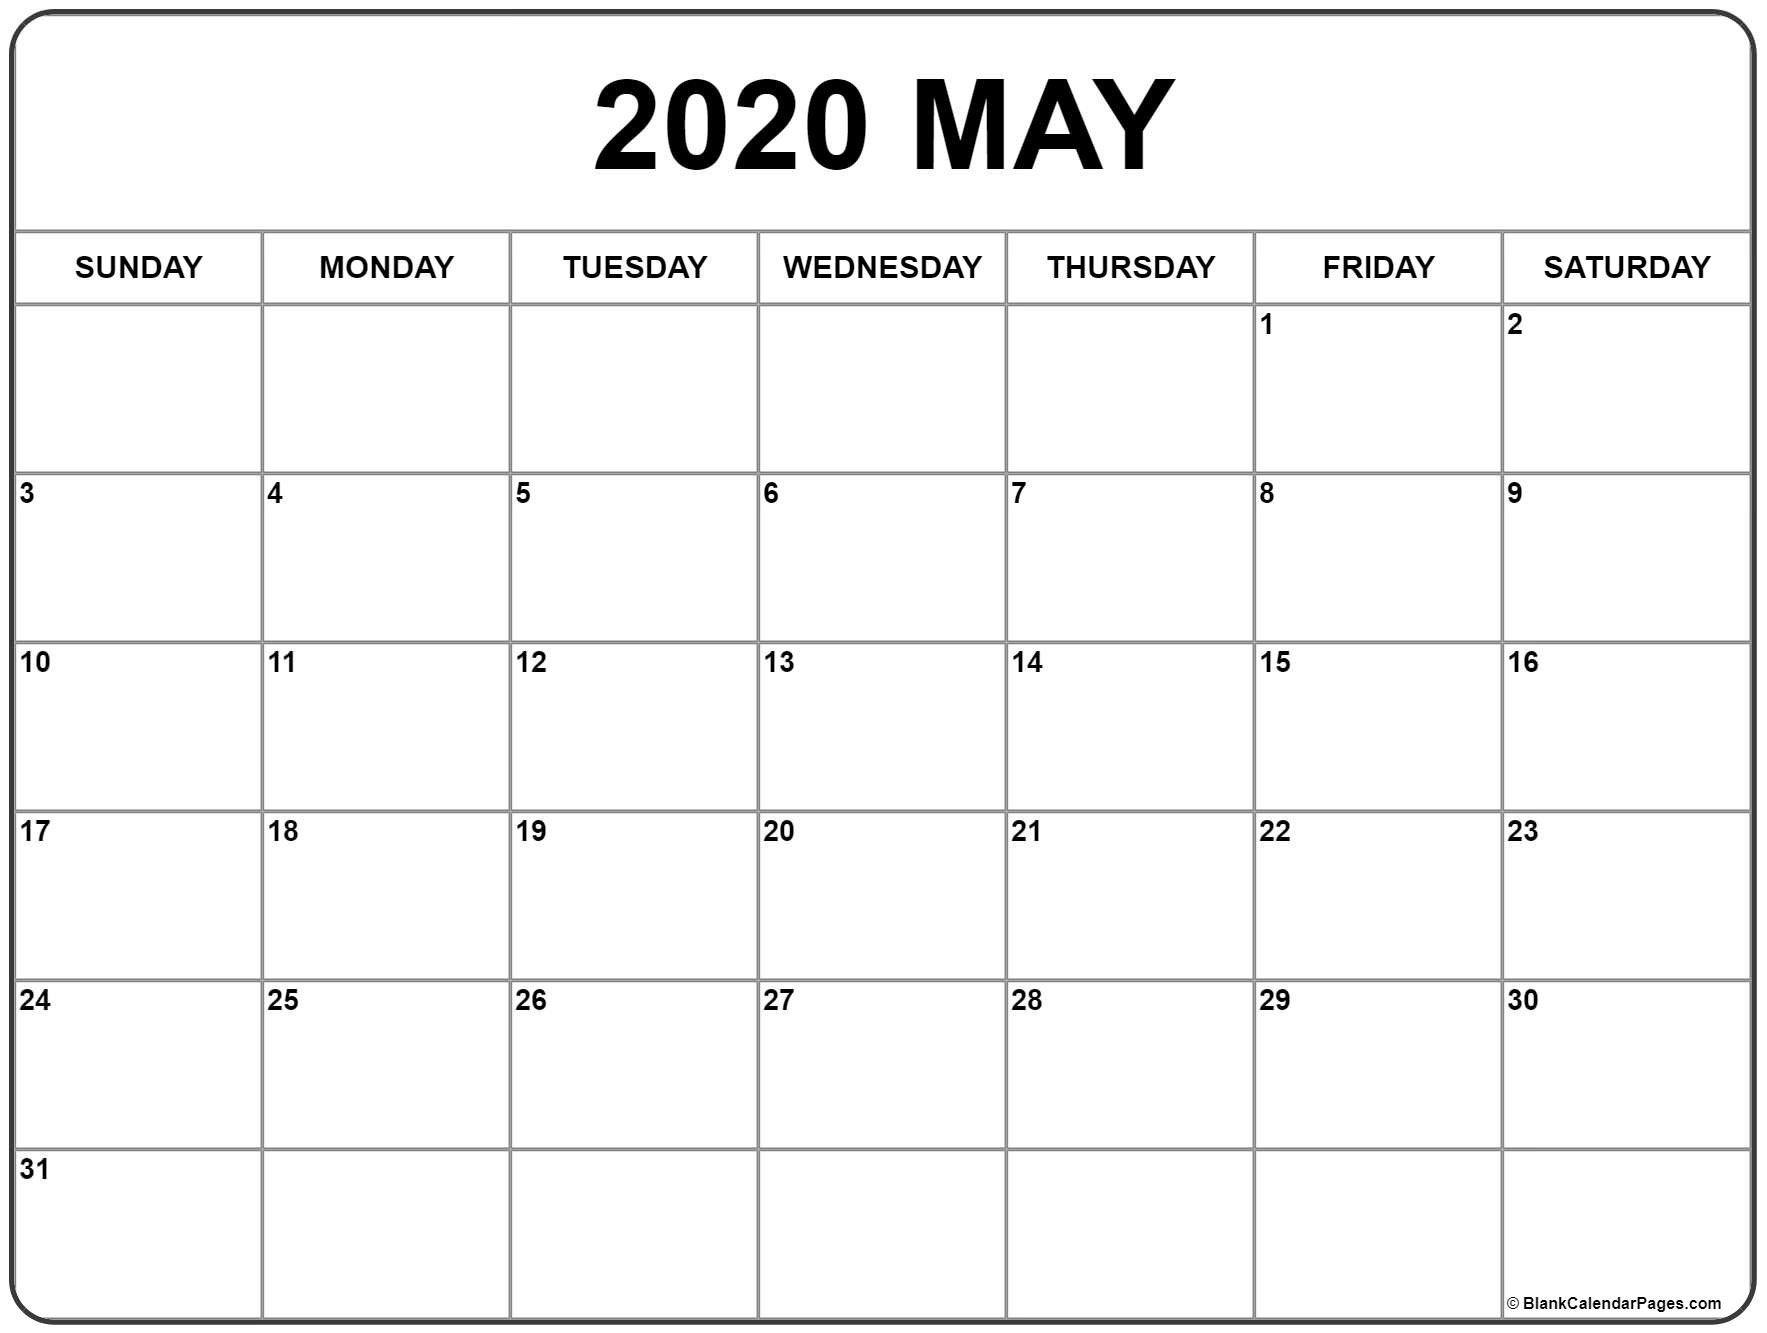 May 2020 Calendar Printable Dengan Gambar